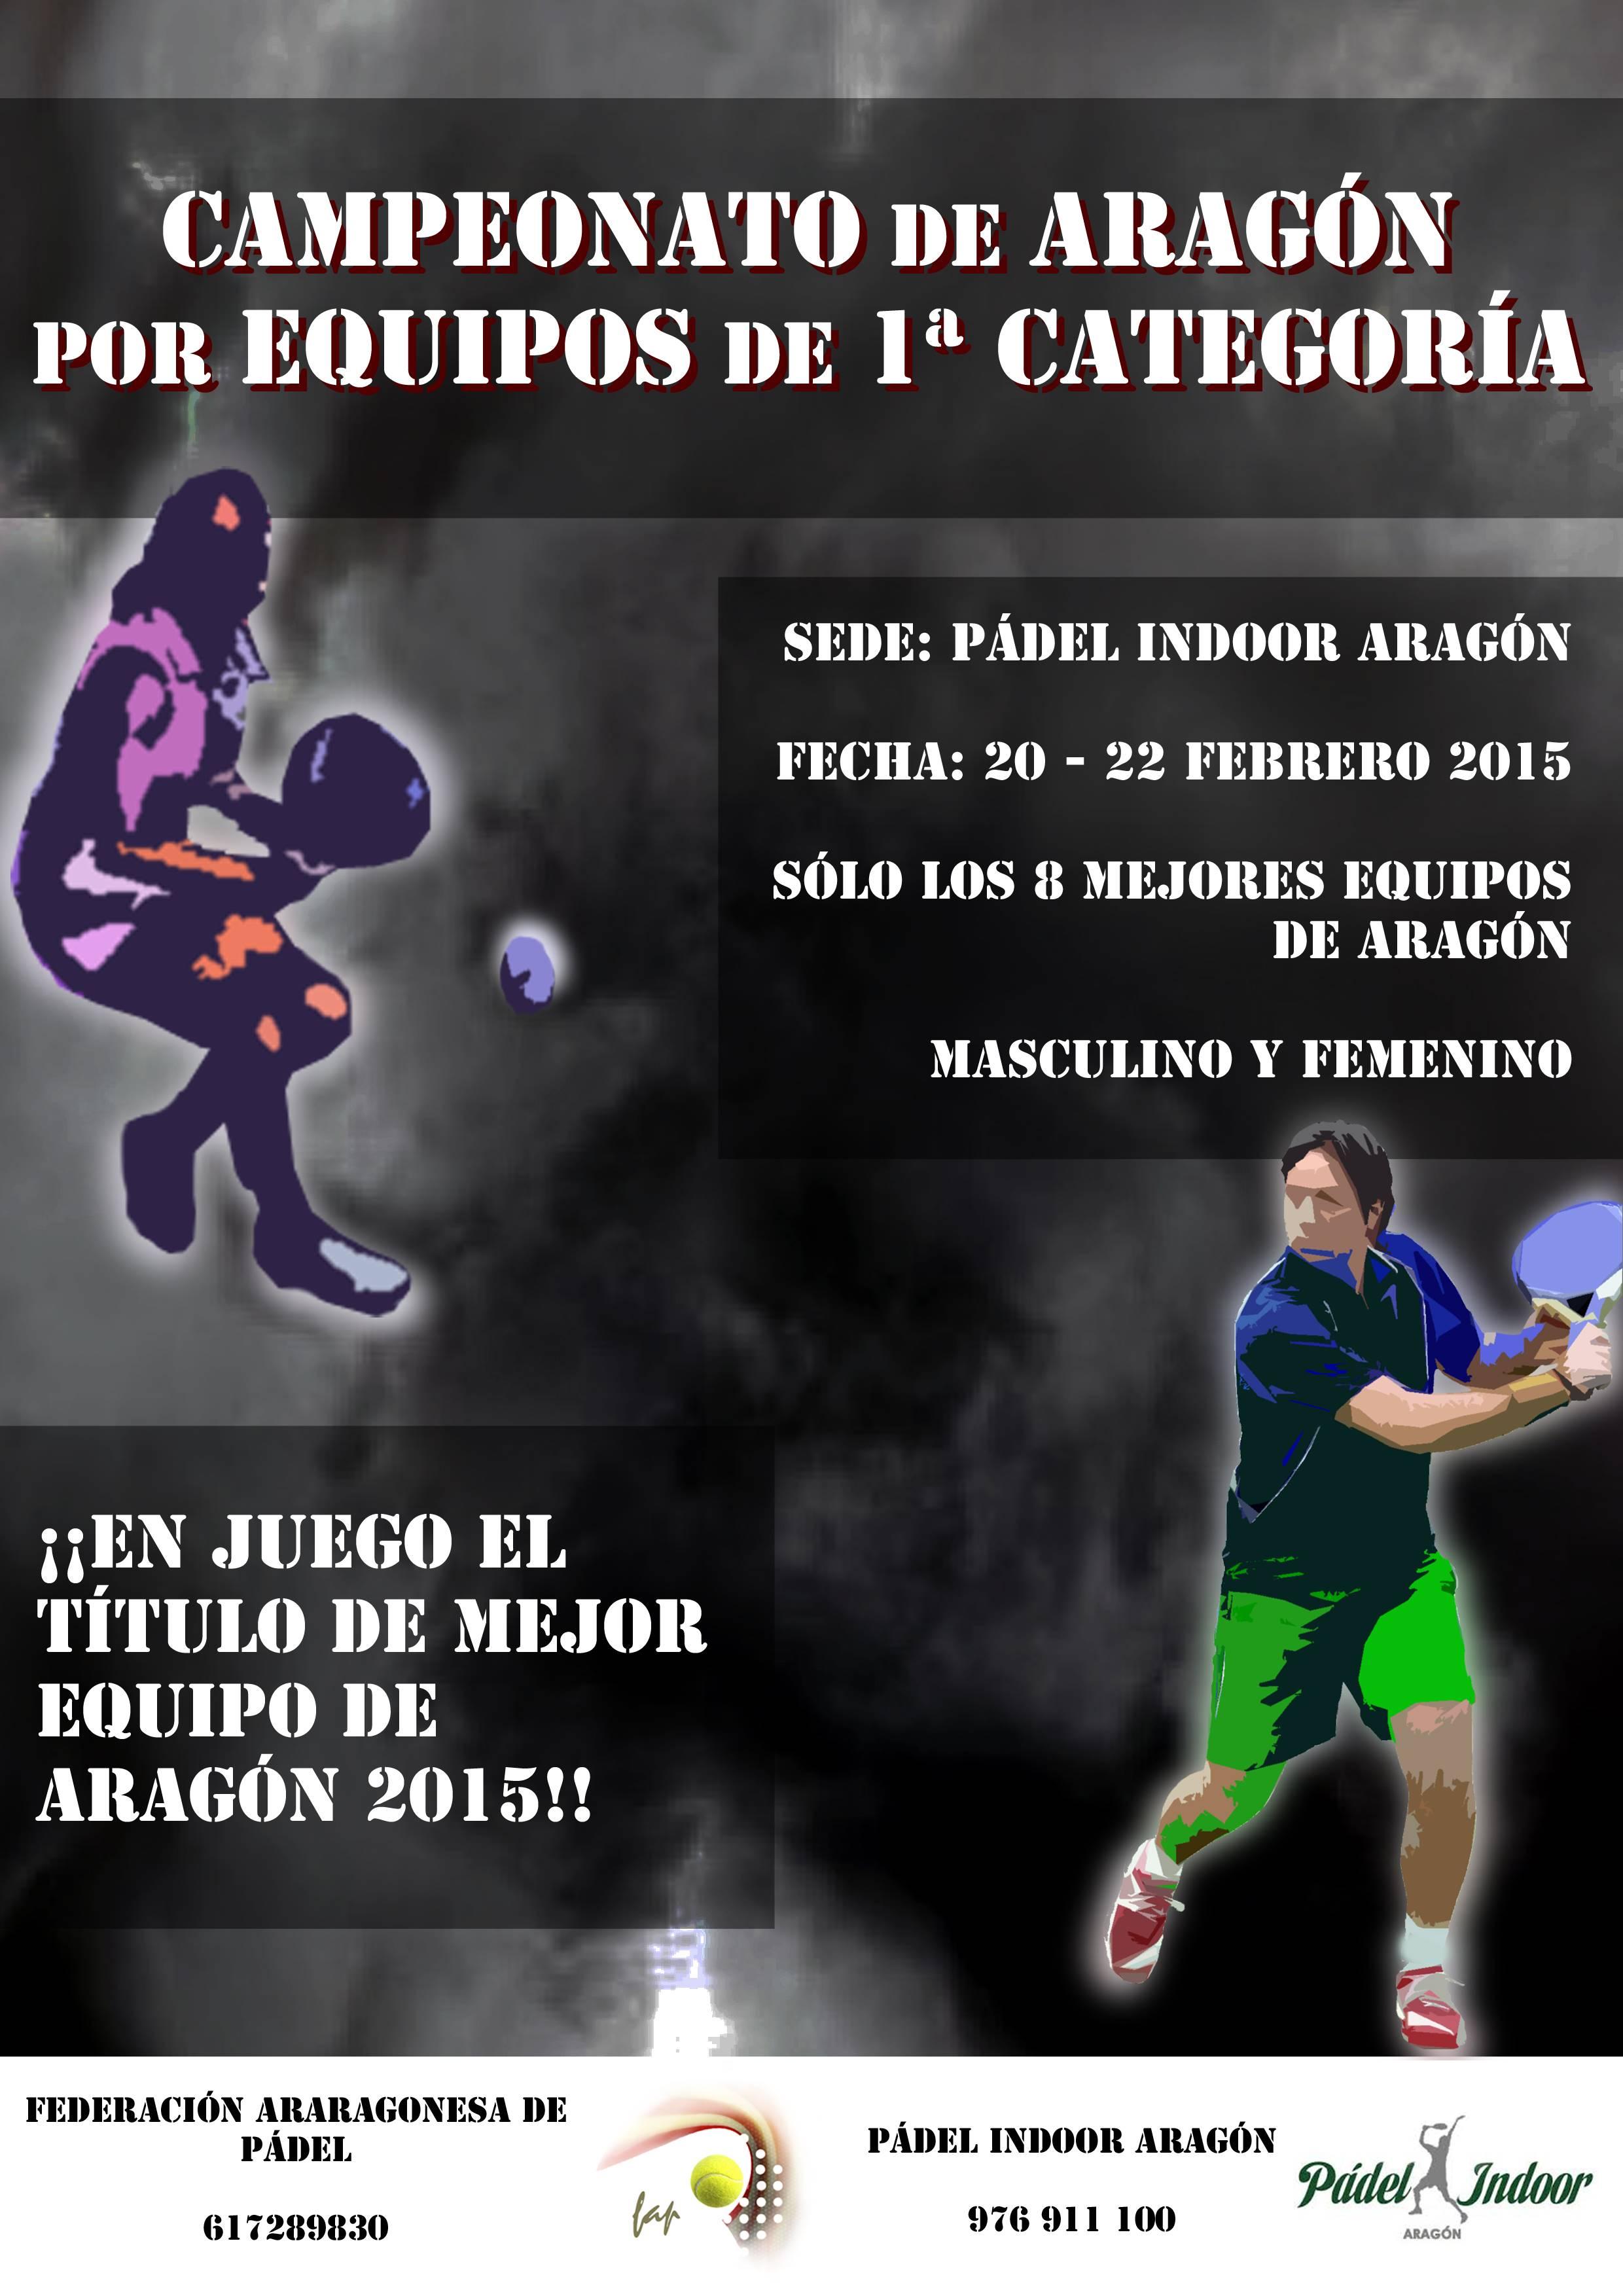 Campeonato de Aragón por equipos de 1ª Categoría